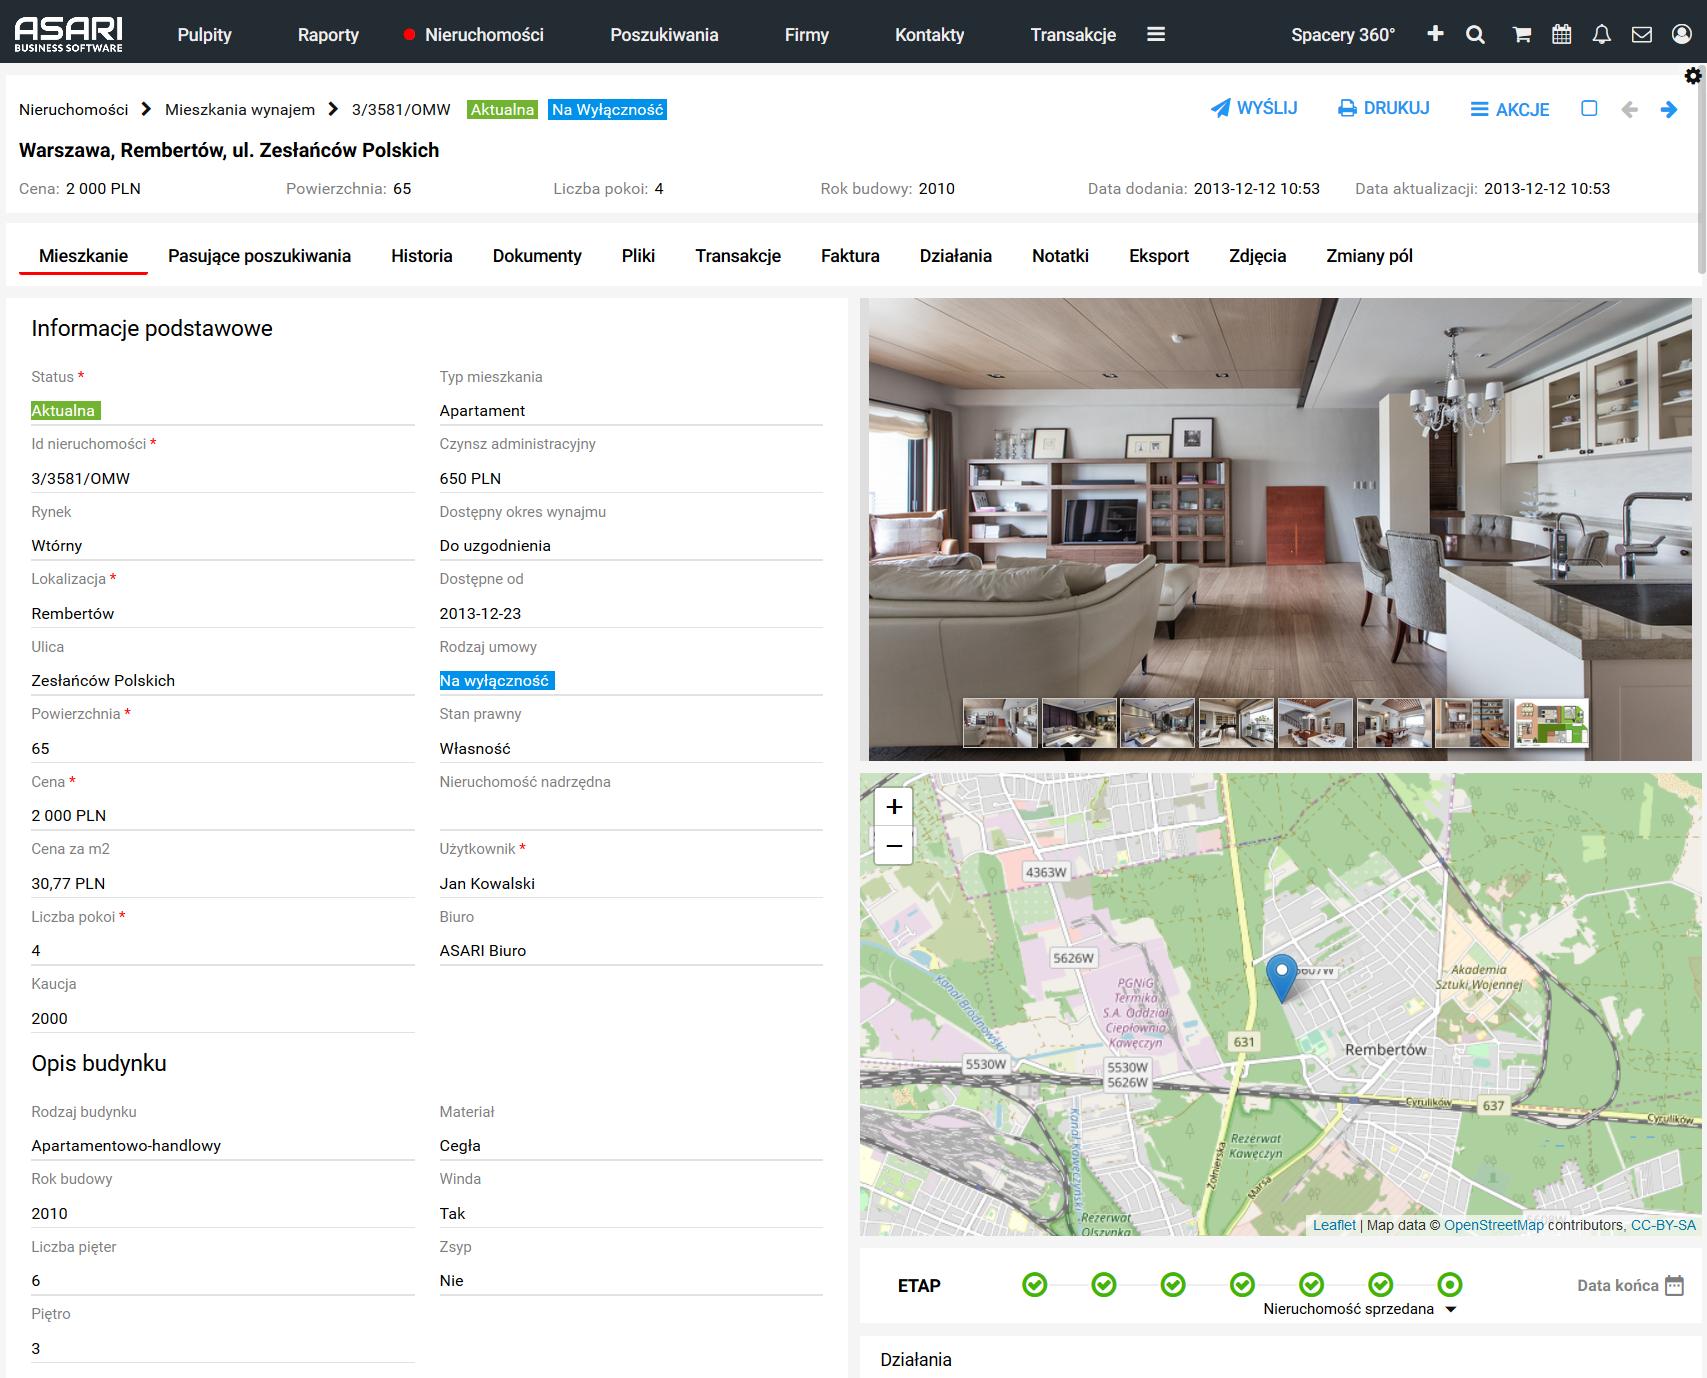 Widok listy nieruchomości w oprogramowaniu ASARI